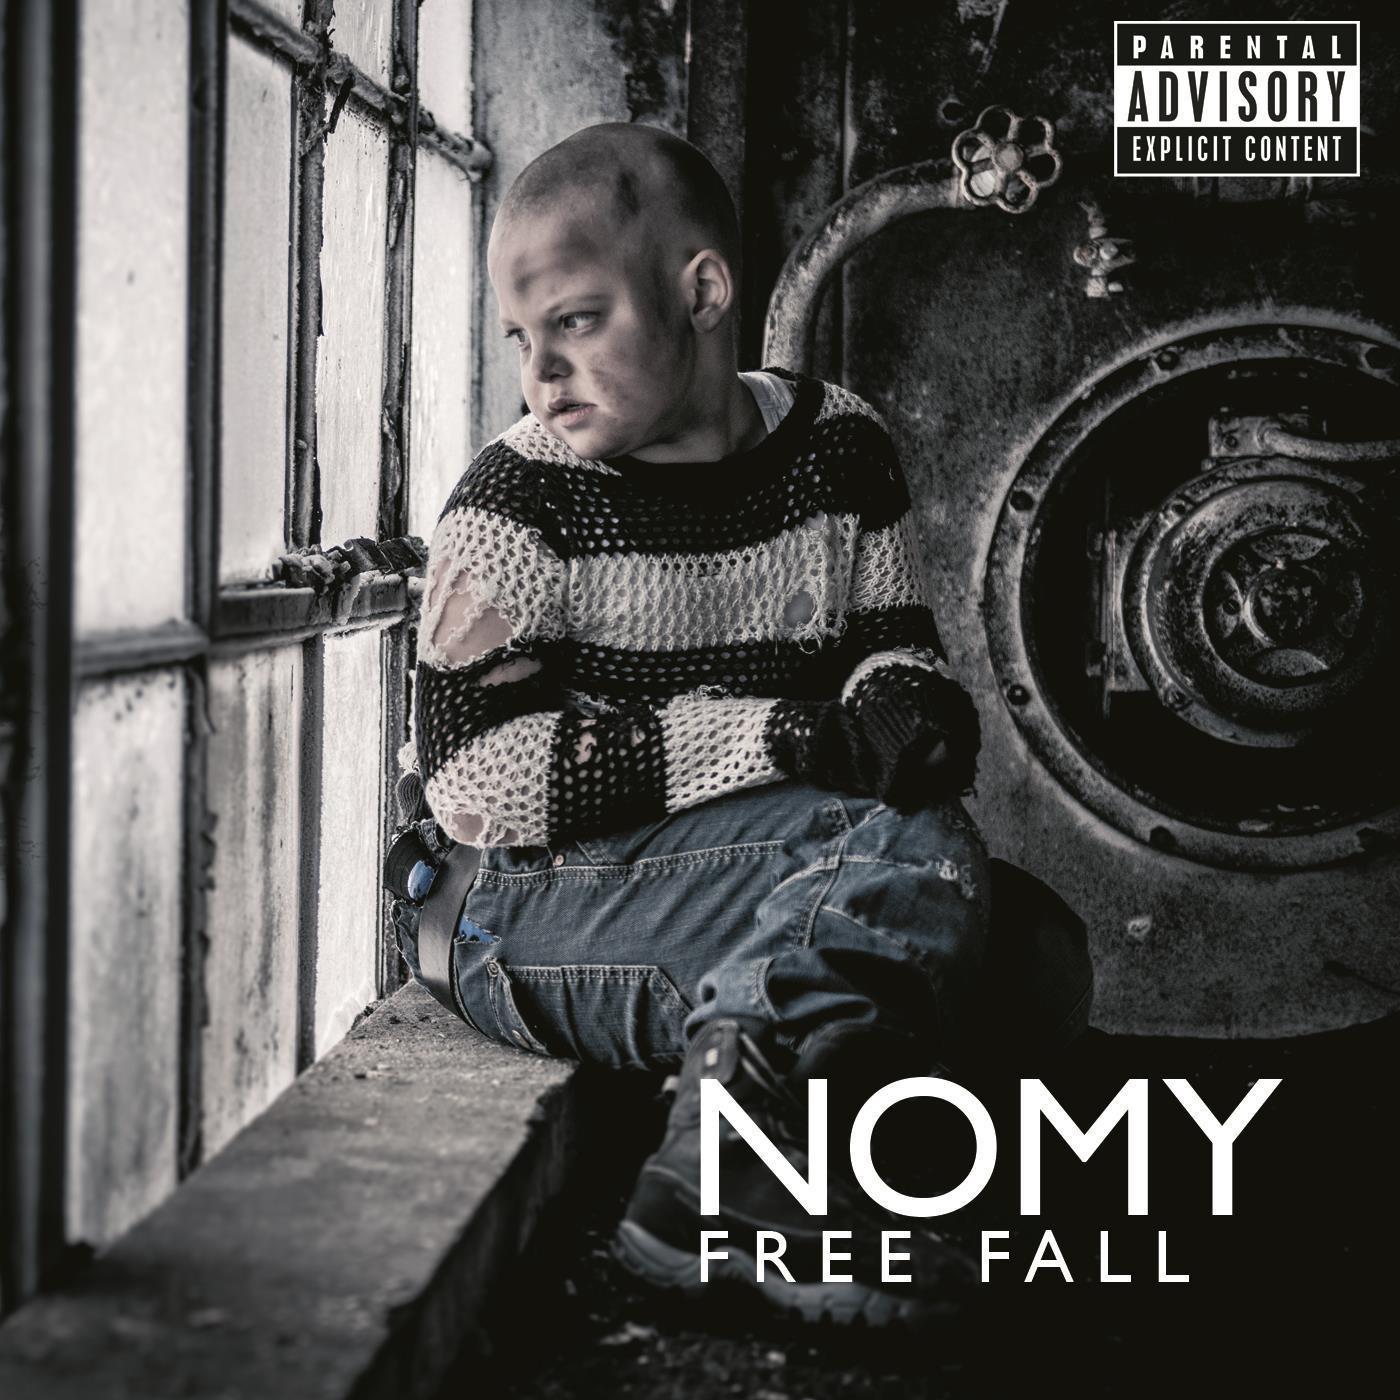 Nomy album Free fall